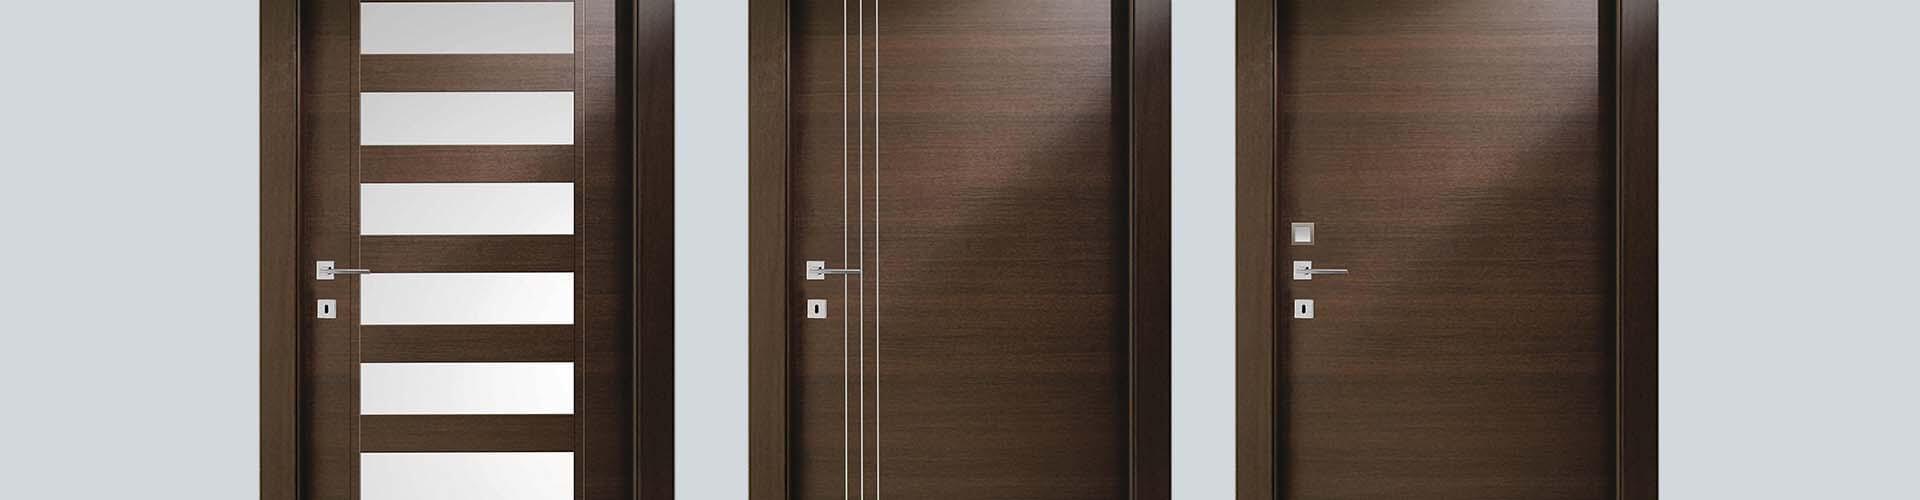 כל הטיפים שצריך לדעת כאשר בוחרים דלתות